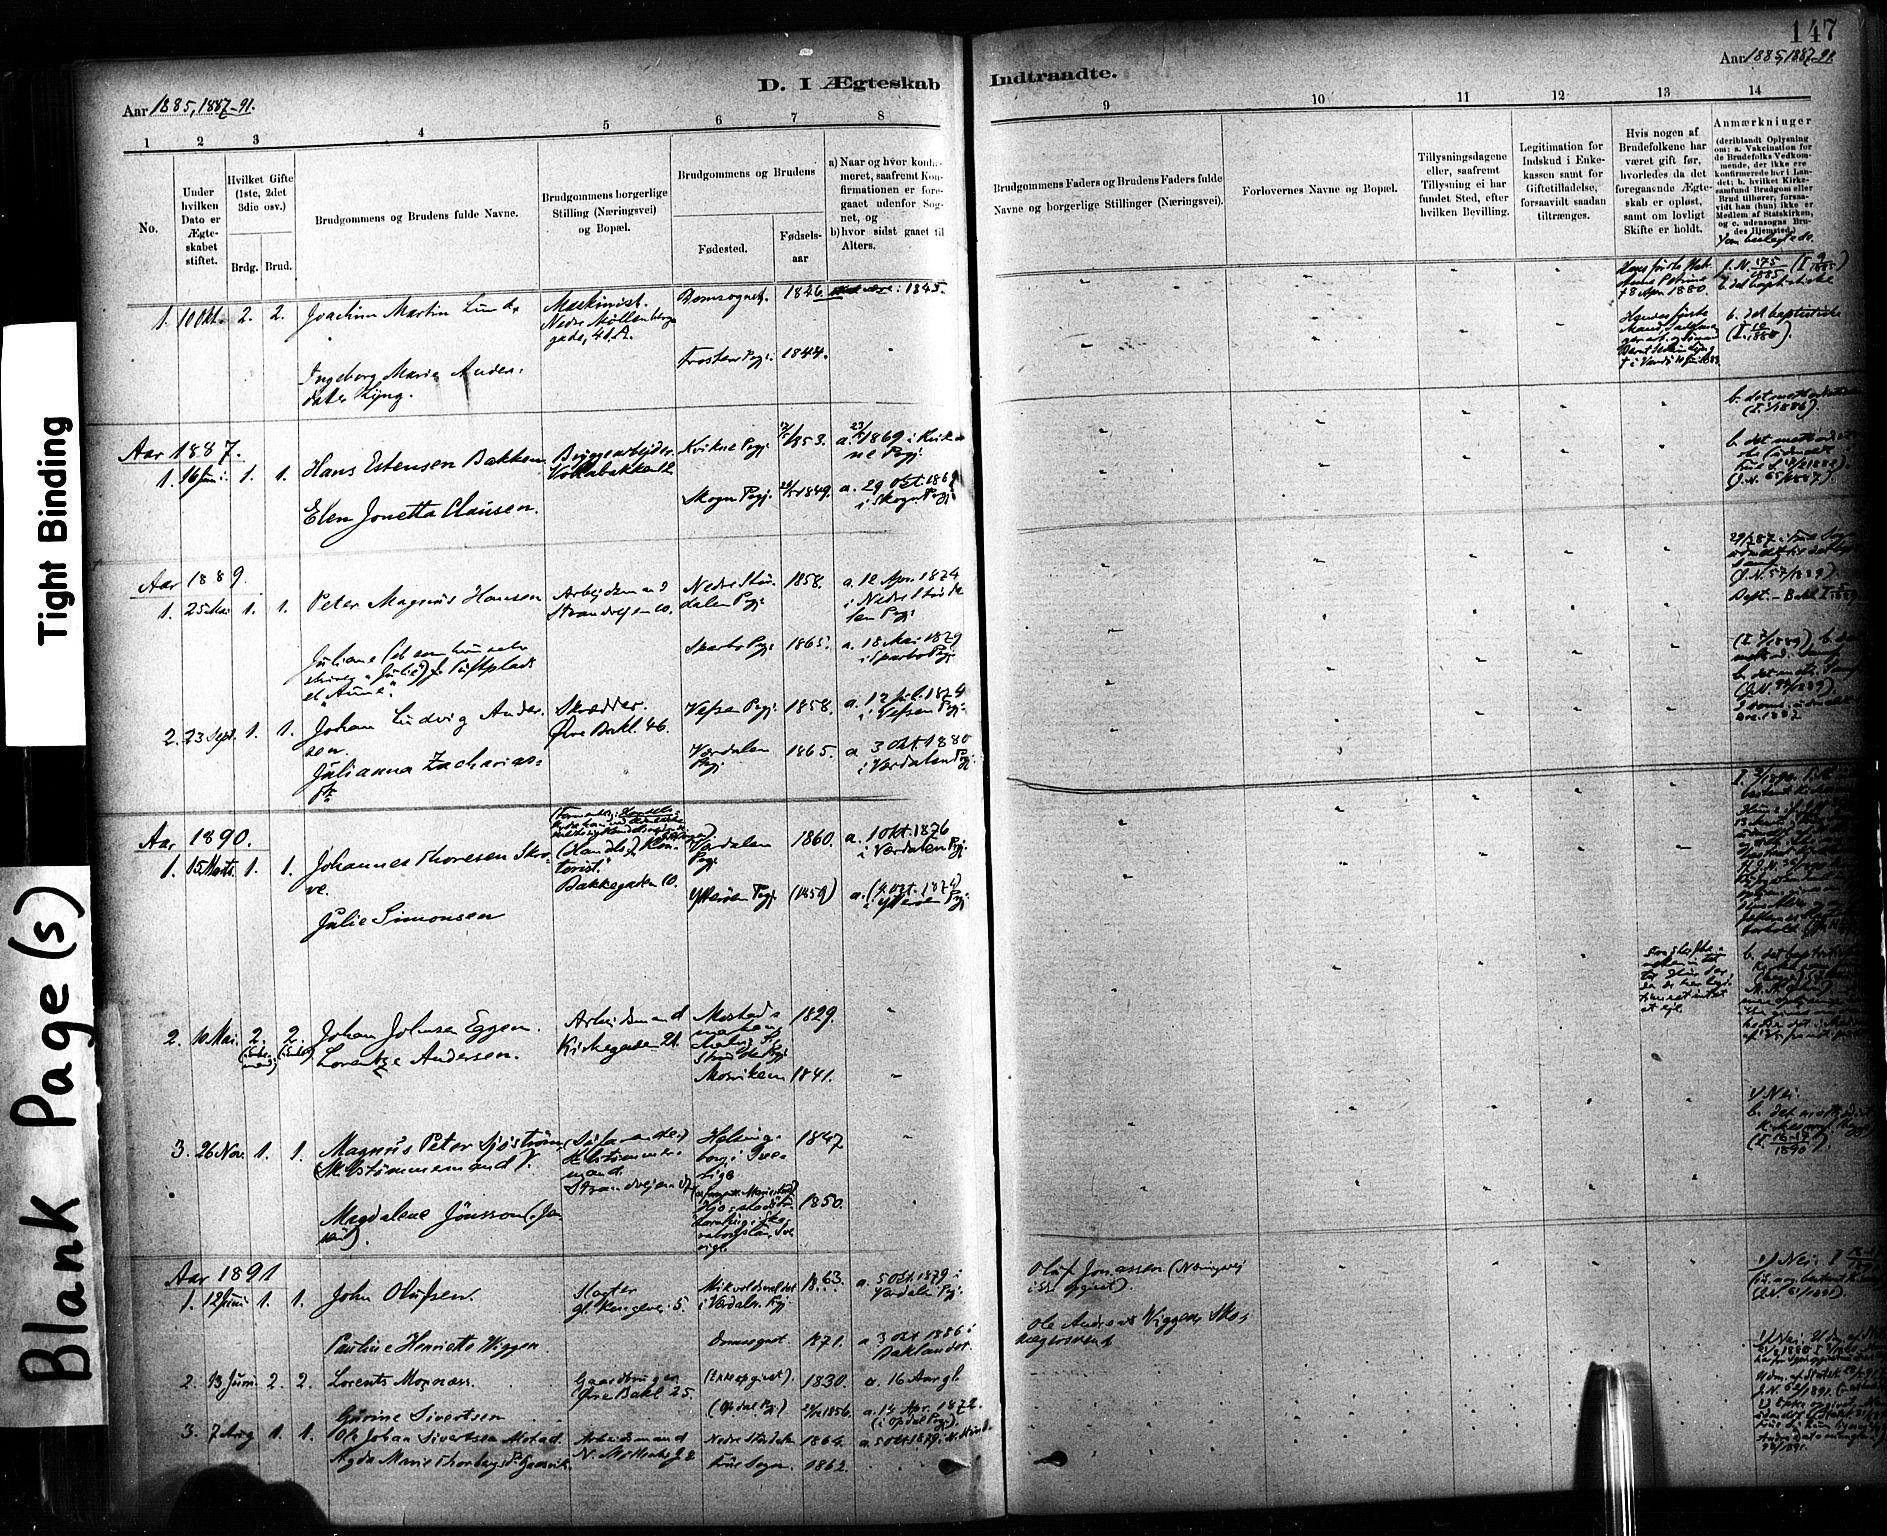 SAT, Ministerialprotokoller, klokkerbøker og fødselsregistre - Sør-Trøndelag, 604/L0189: Ministerialbok nr. 604A10, 1878-1892, s. 147